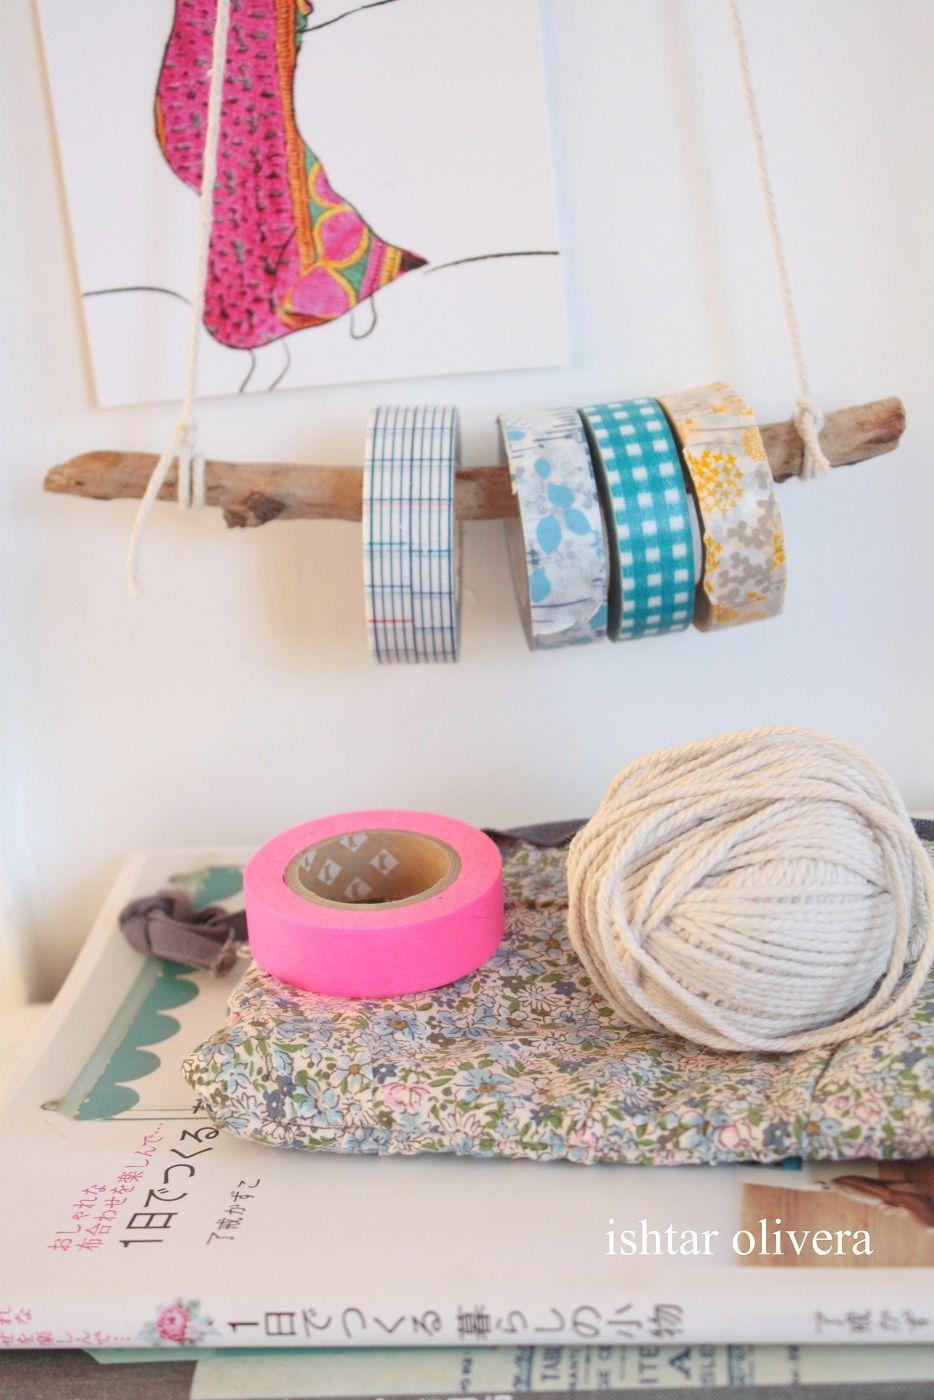 a simple idea on how to store it ateliers de cr atrices pinterest rangement atelier et. Black Bedroom Furniture Sets. Home Design Ideas